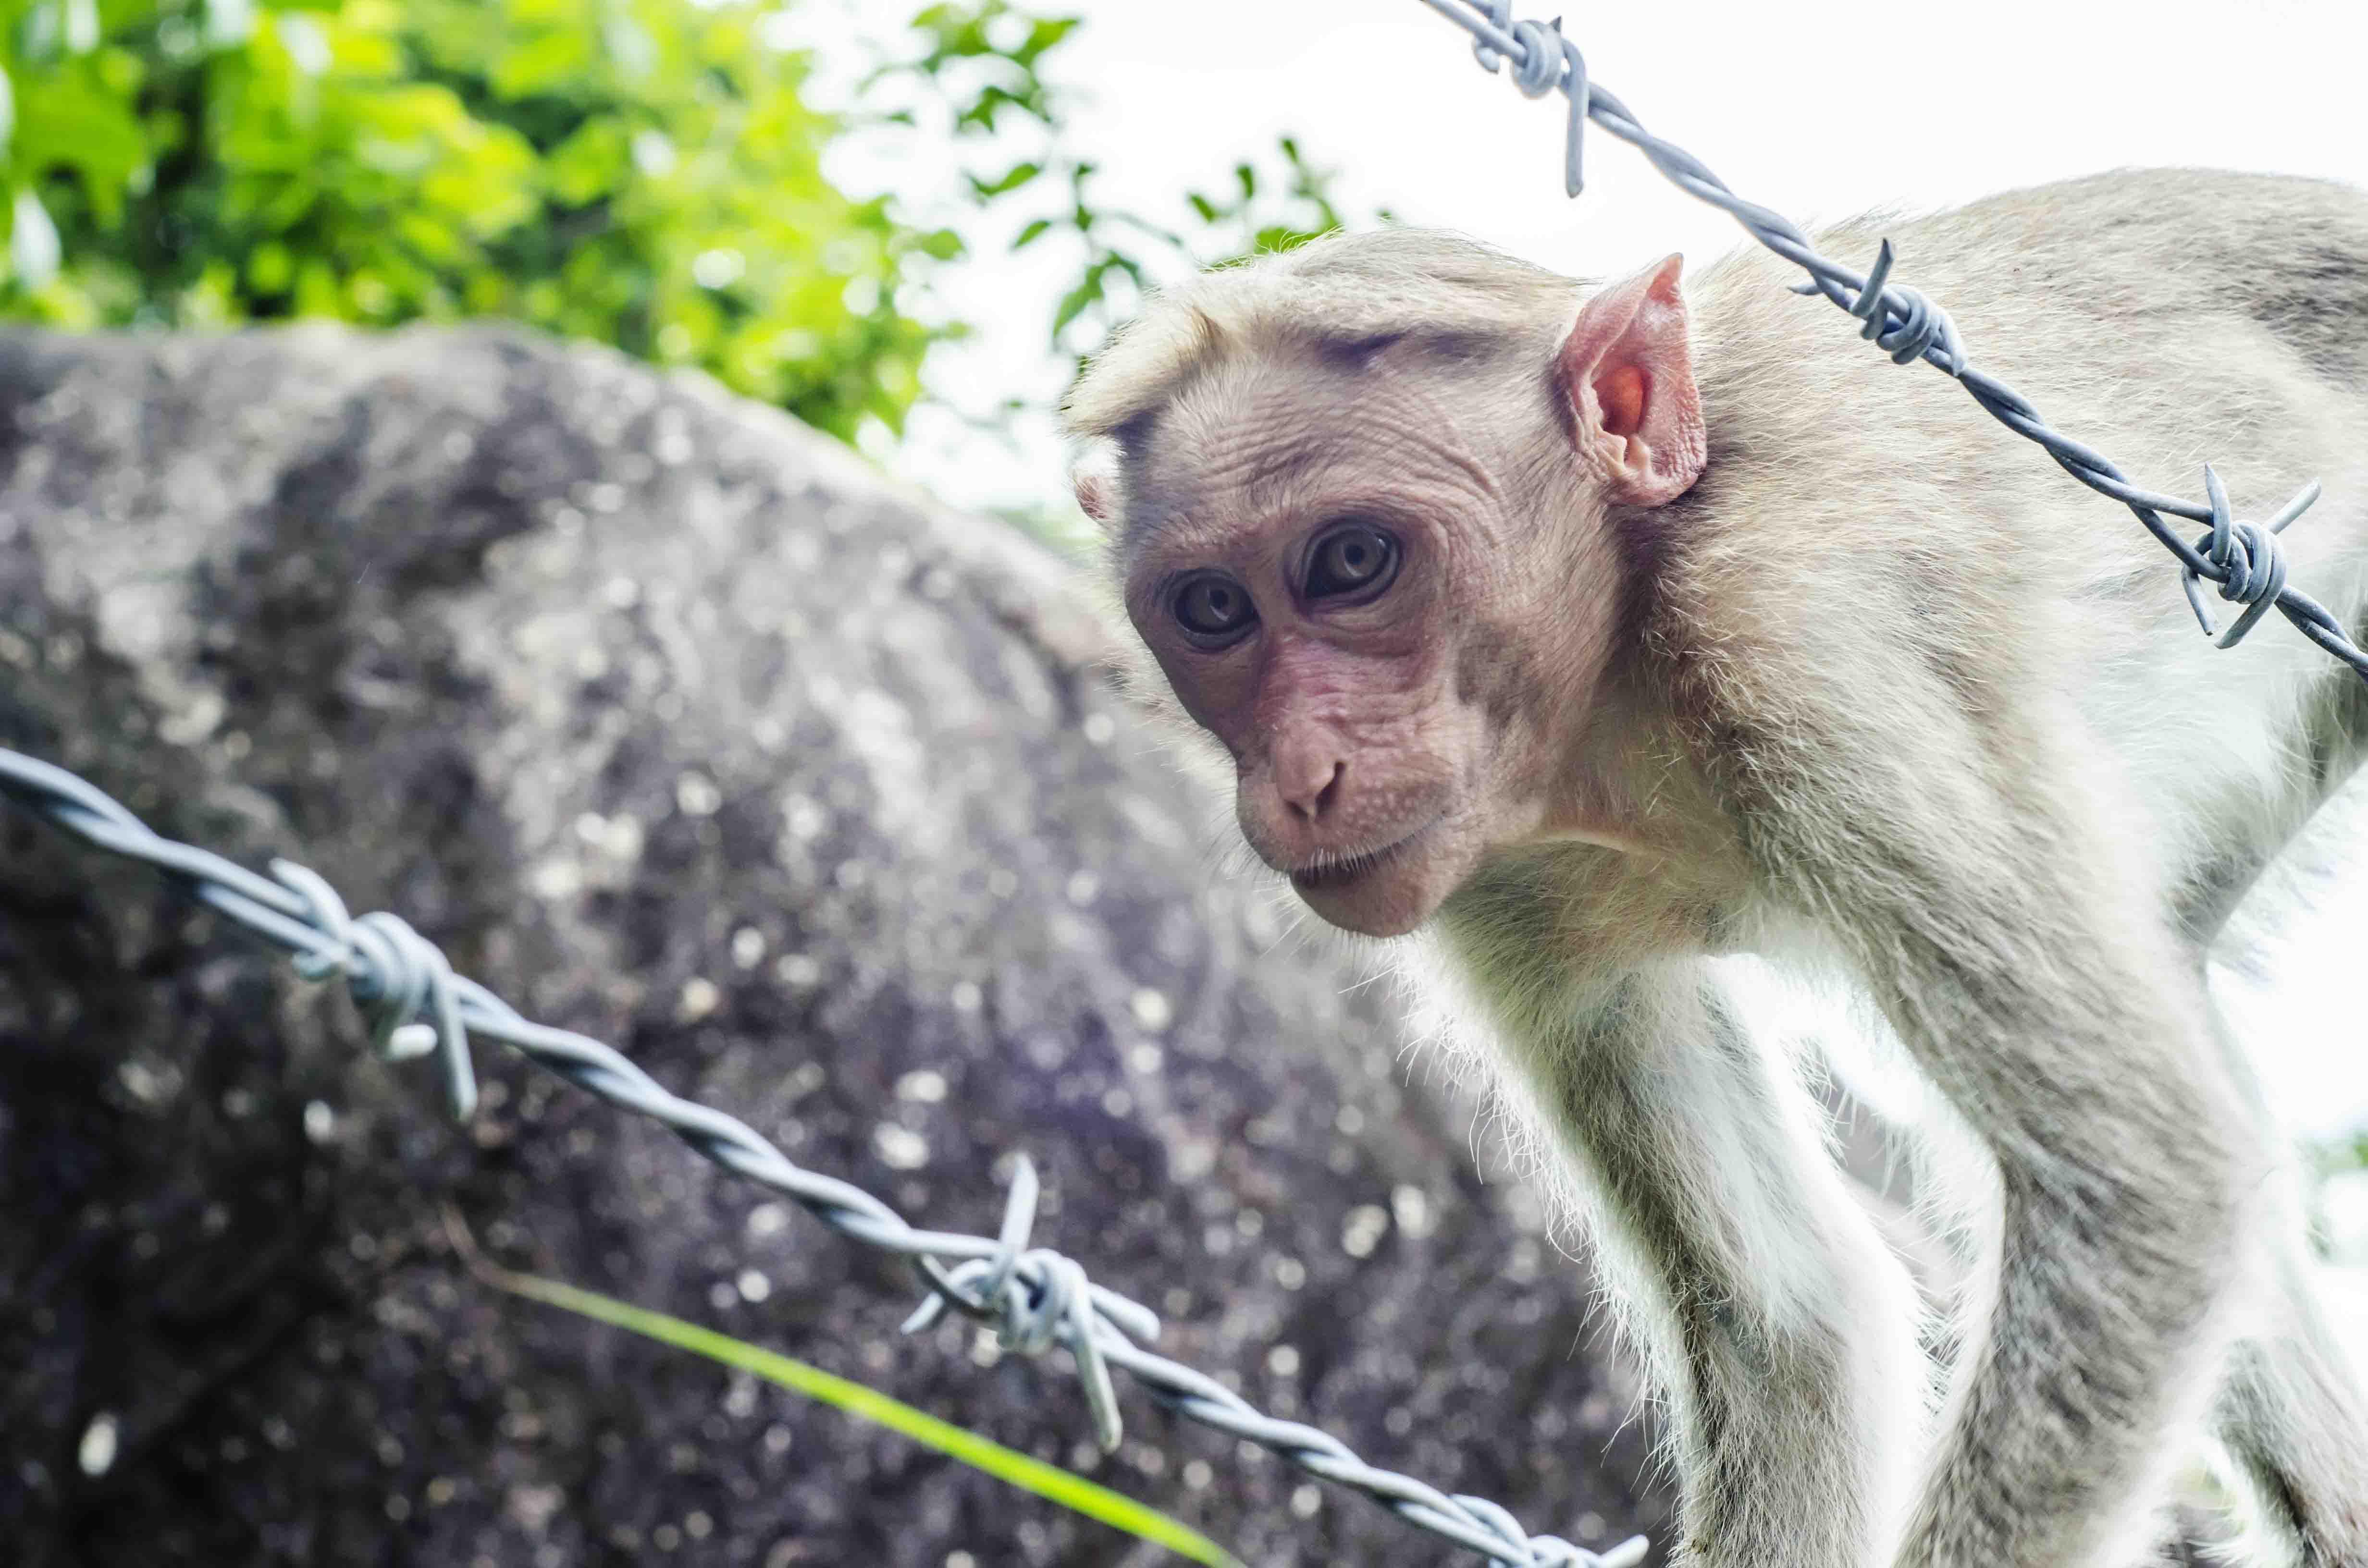 Monkey posing